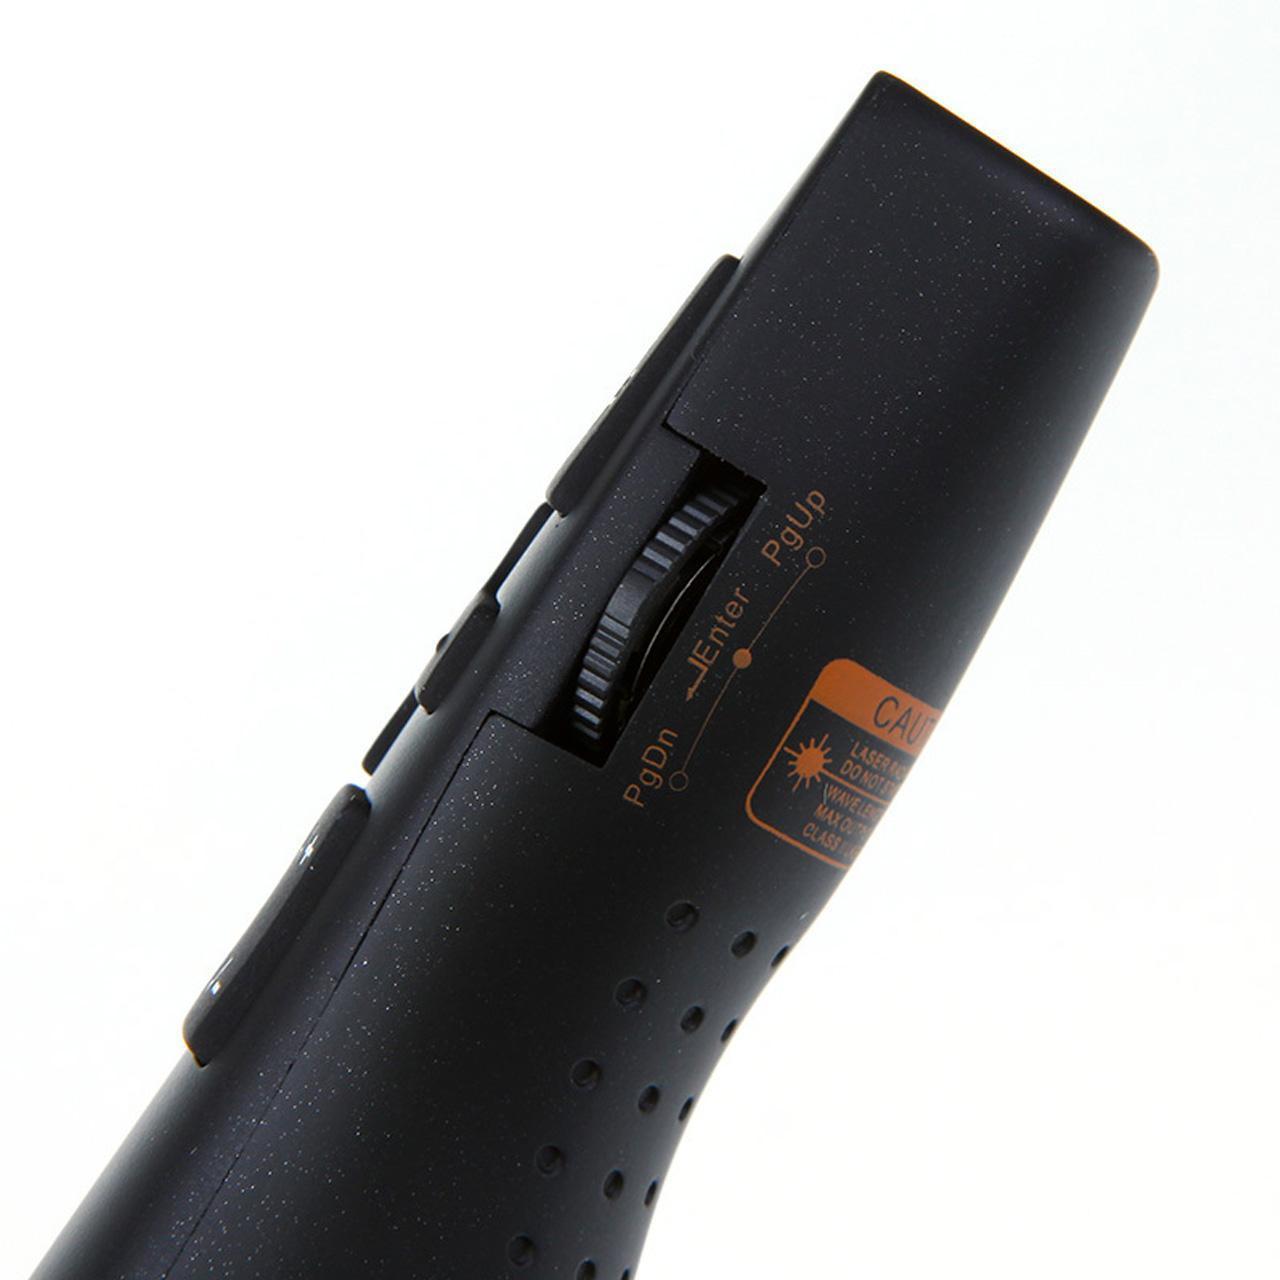 پرزنتر و AIR MOUSE برند Rii مدل R900